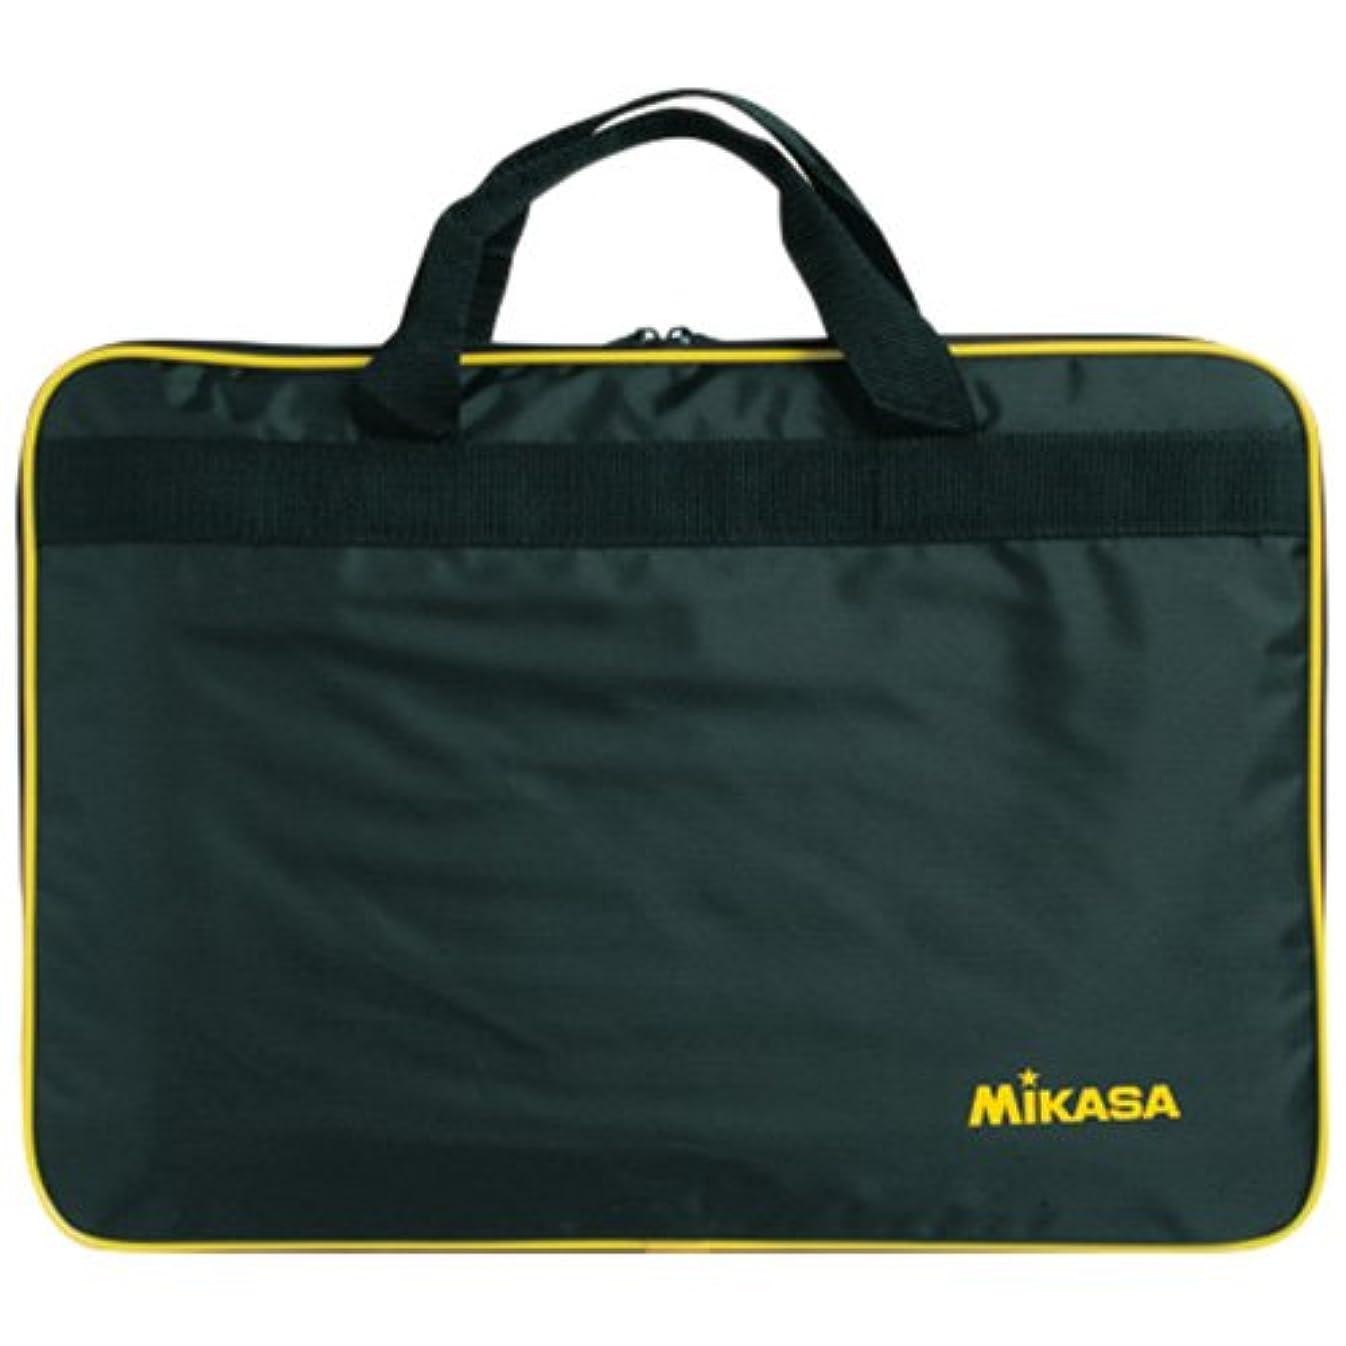 パンチ眼ブート[ミカサ] 作戦盤用バッグ 黒 SB-BAGS